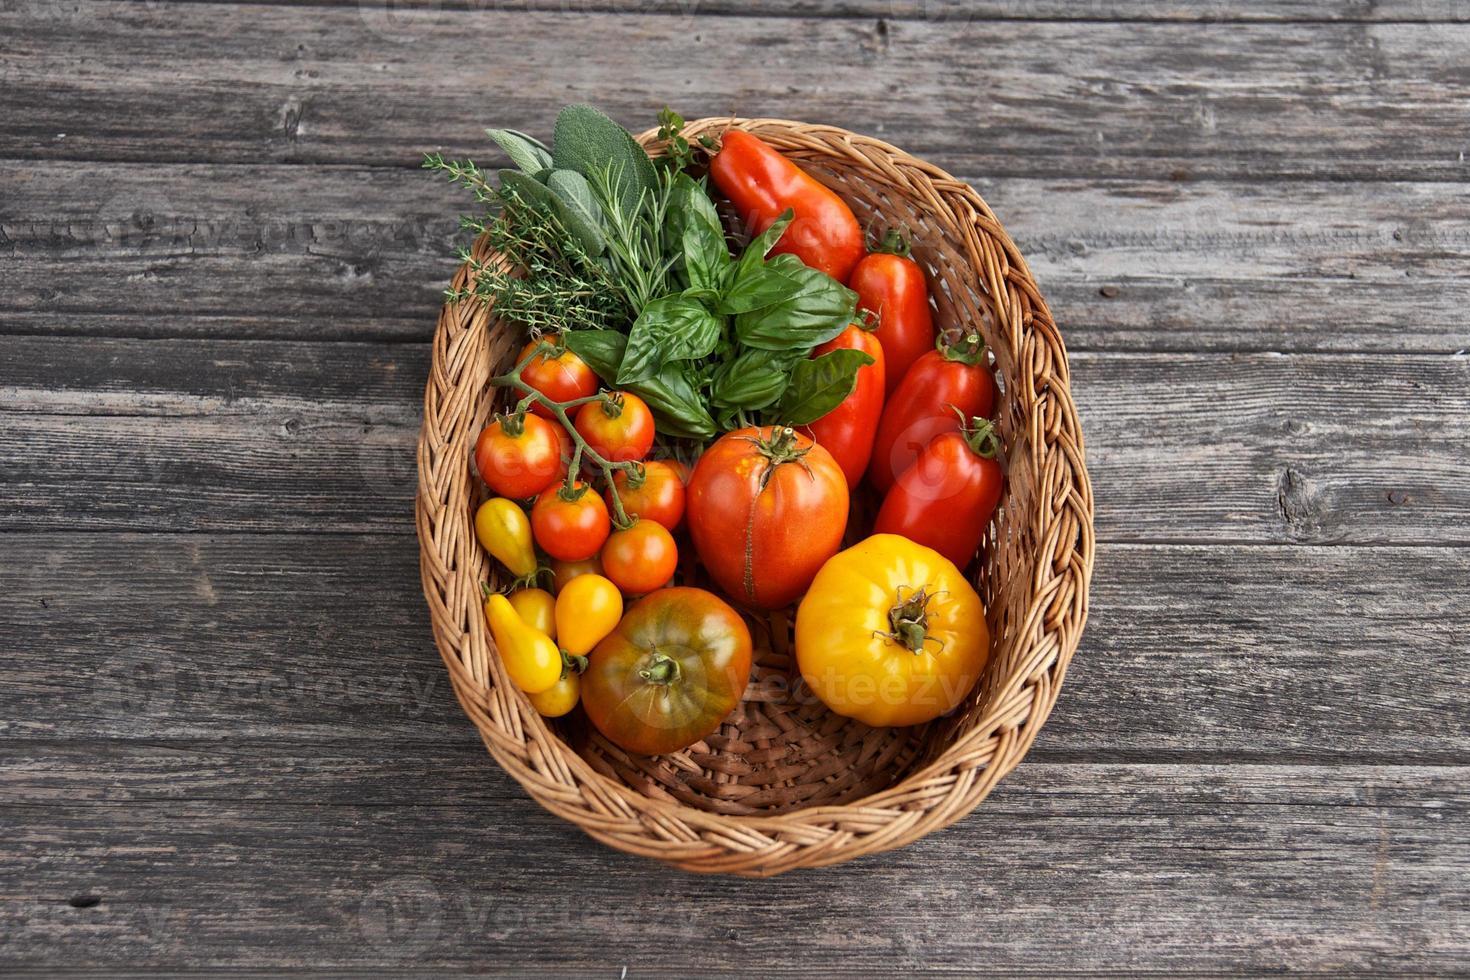 Korb mit buntem Gemüse foto